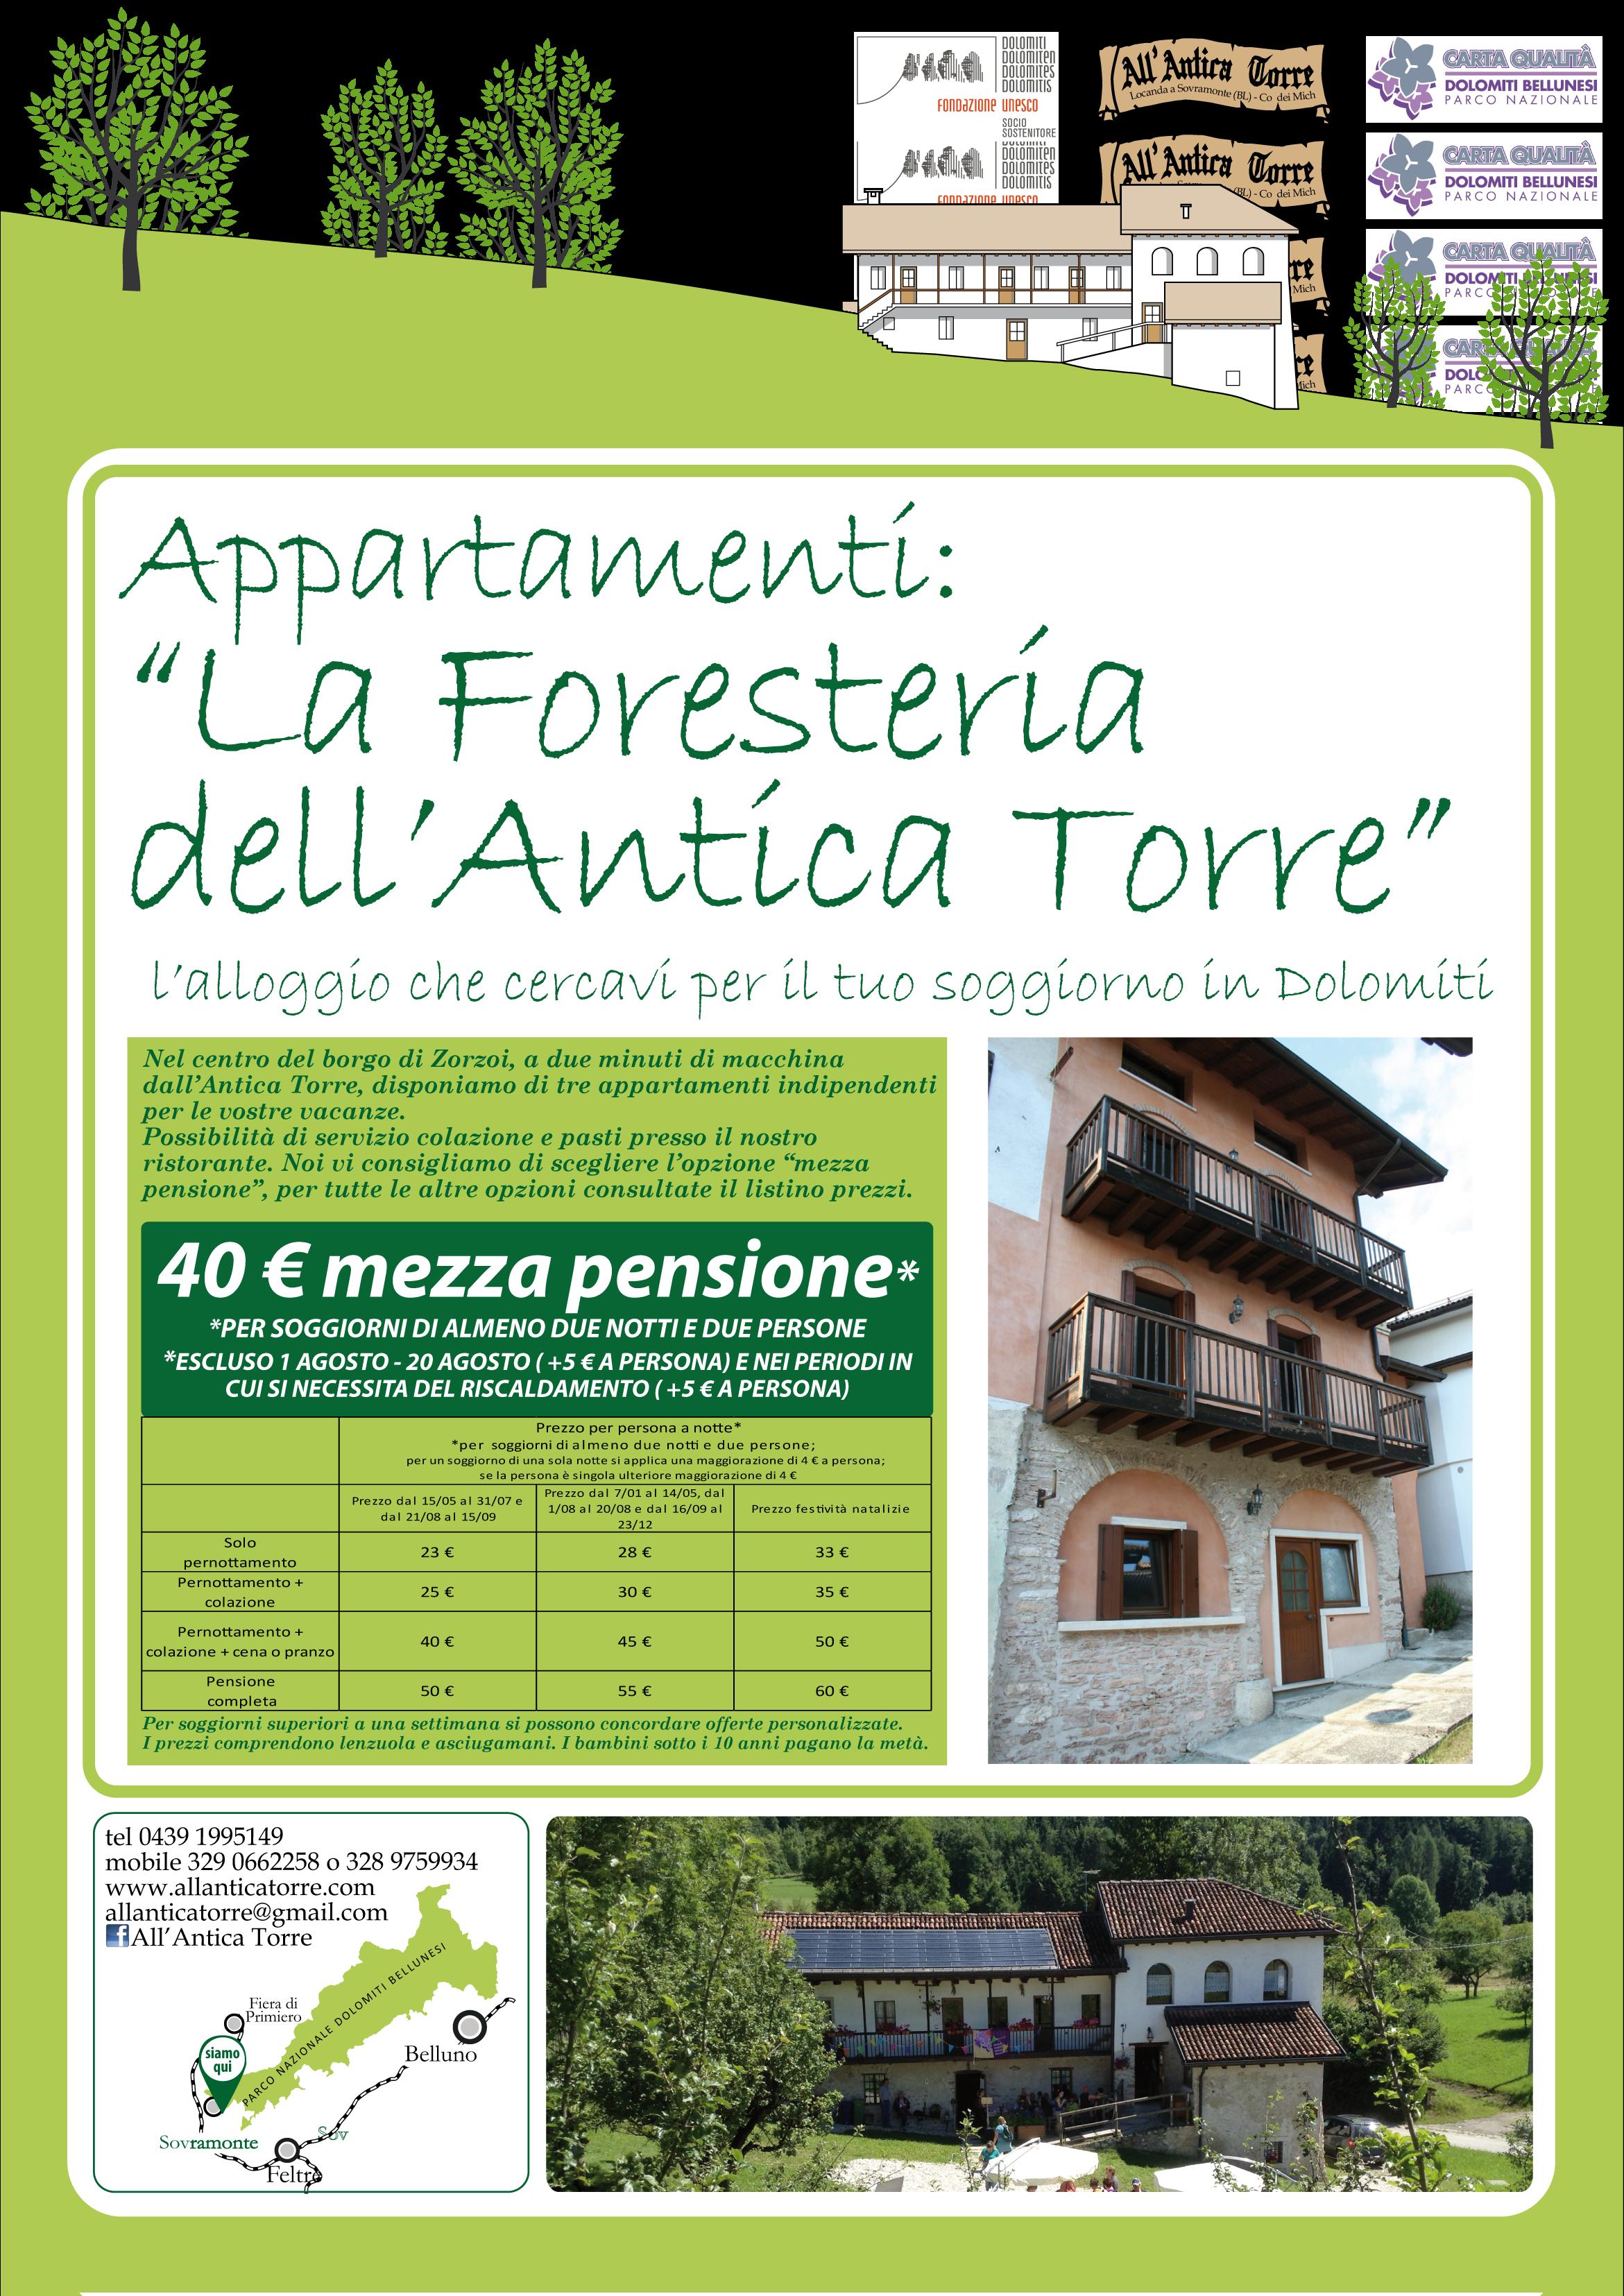 Dormire nella foresteria dell antica torre all 39 antica for Appartamenti in affitto a barcellona per lunghi periodi